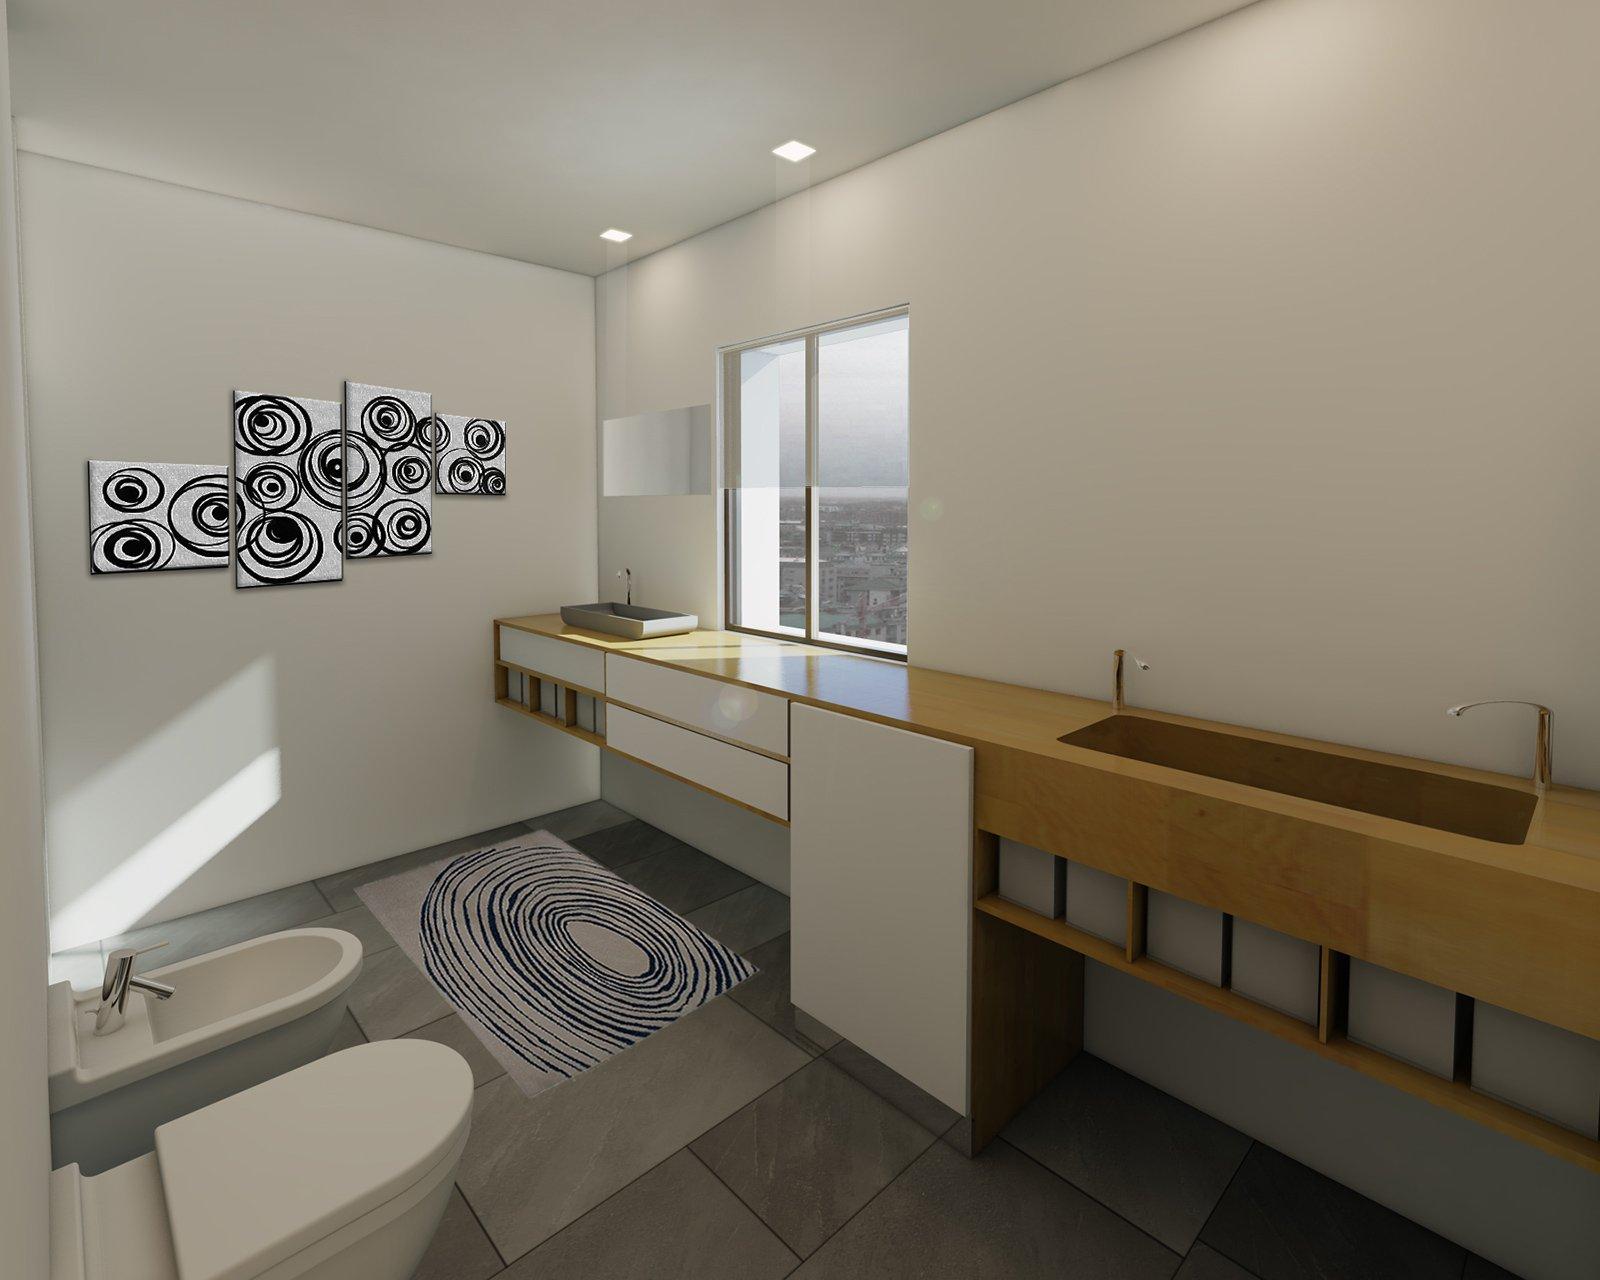 Bagno Con Lavatrice Oltre 1000 Idee Su Design Per Bagno